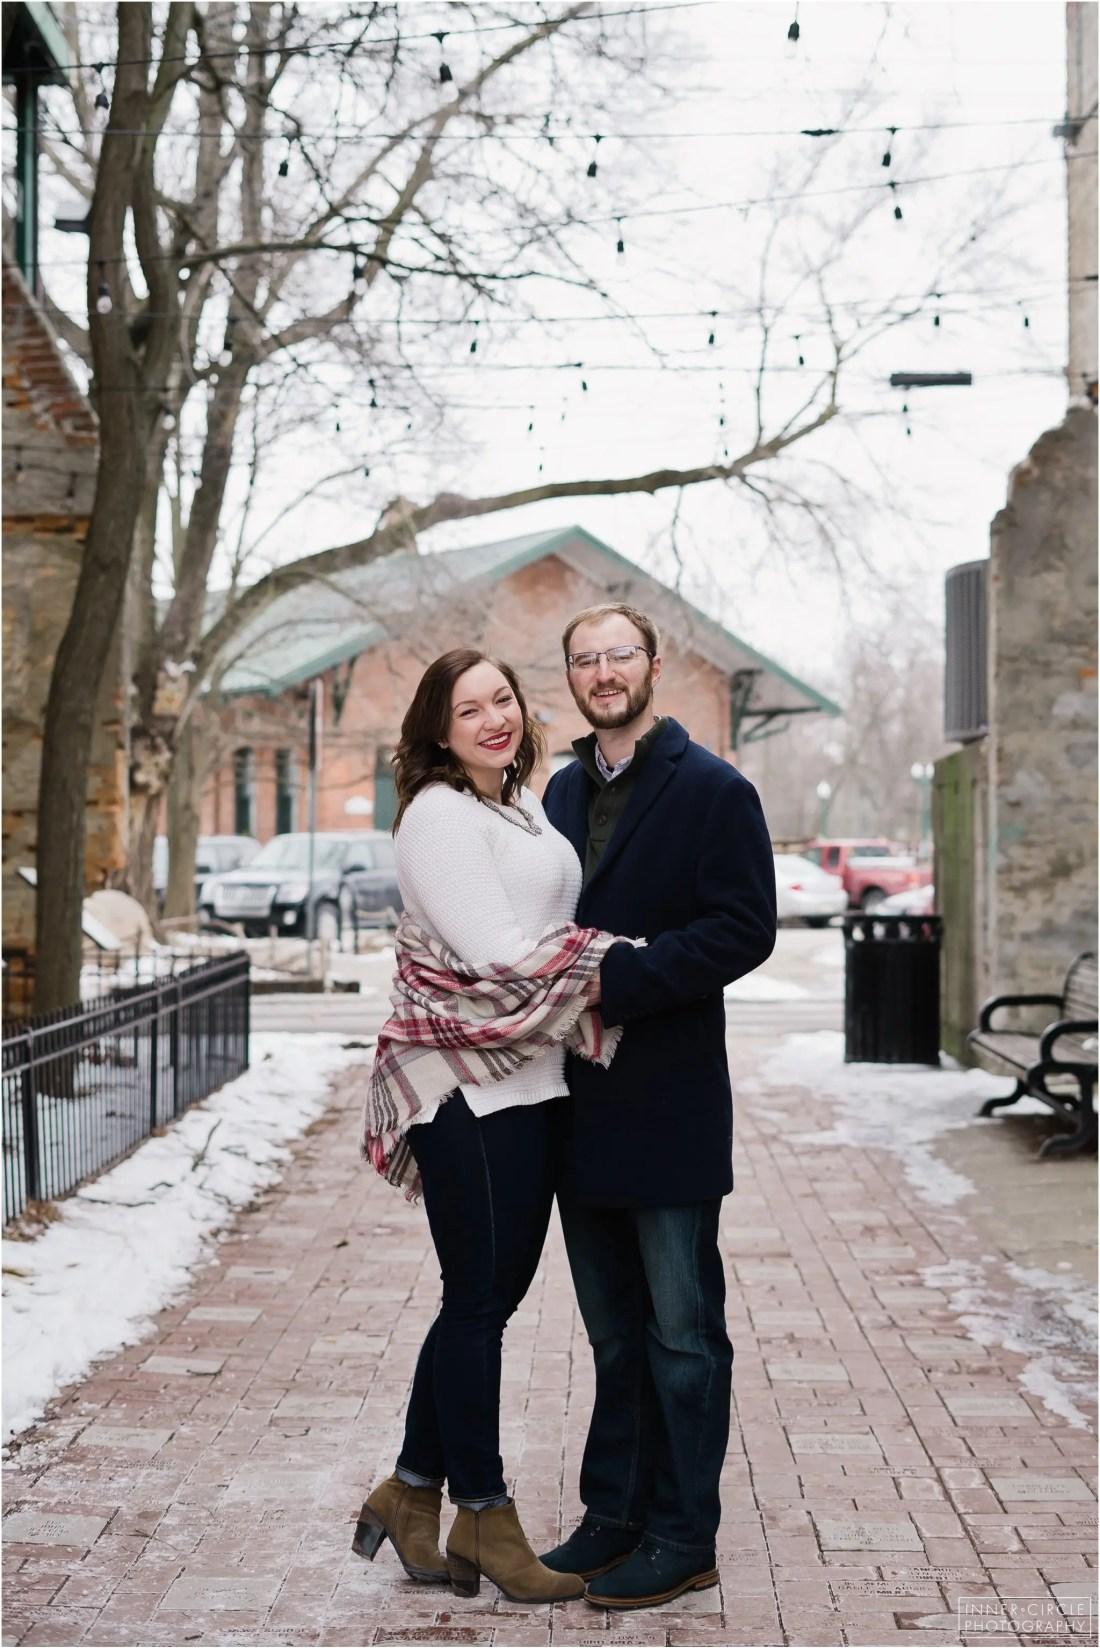 lukelauren_ENGAGED_InnerCirclePhoto_002 Luke + Lauren :: Ypsilanti Engagement Session :: 2019